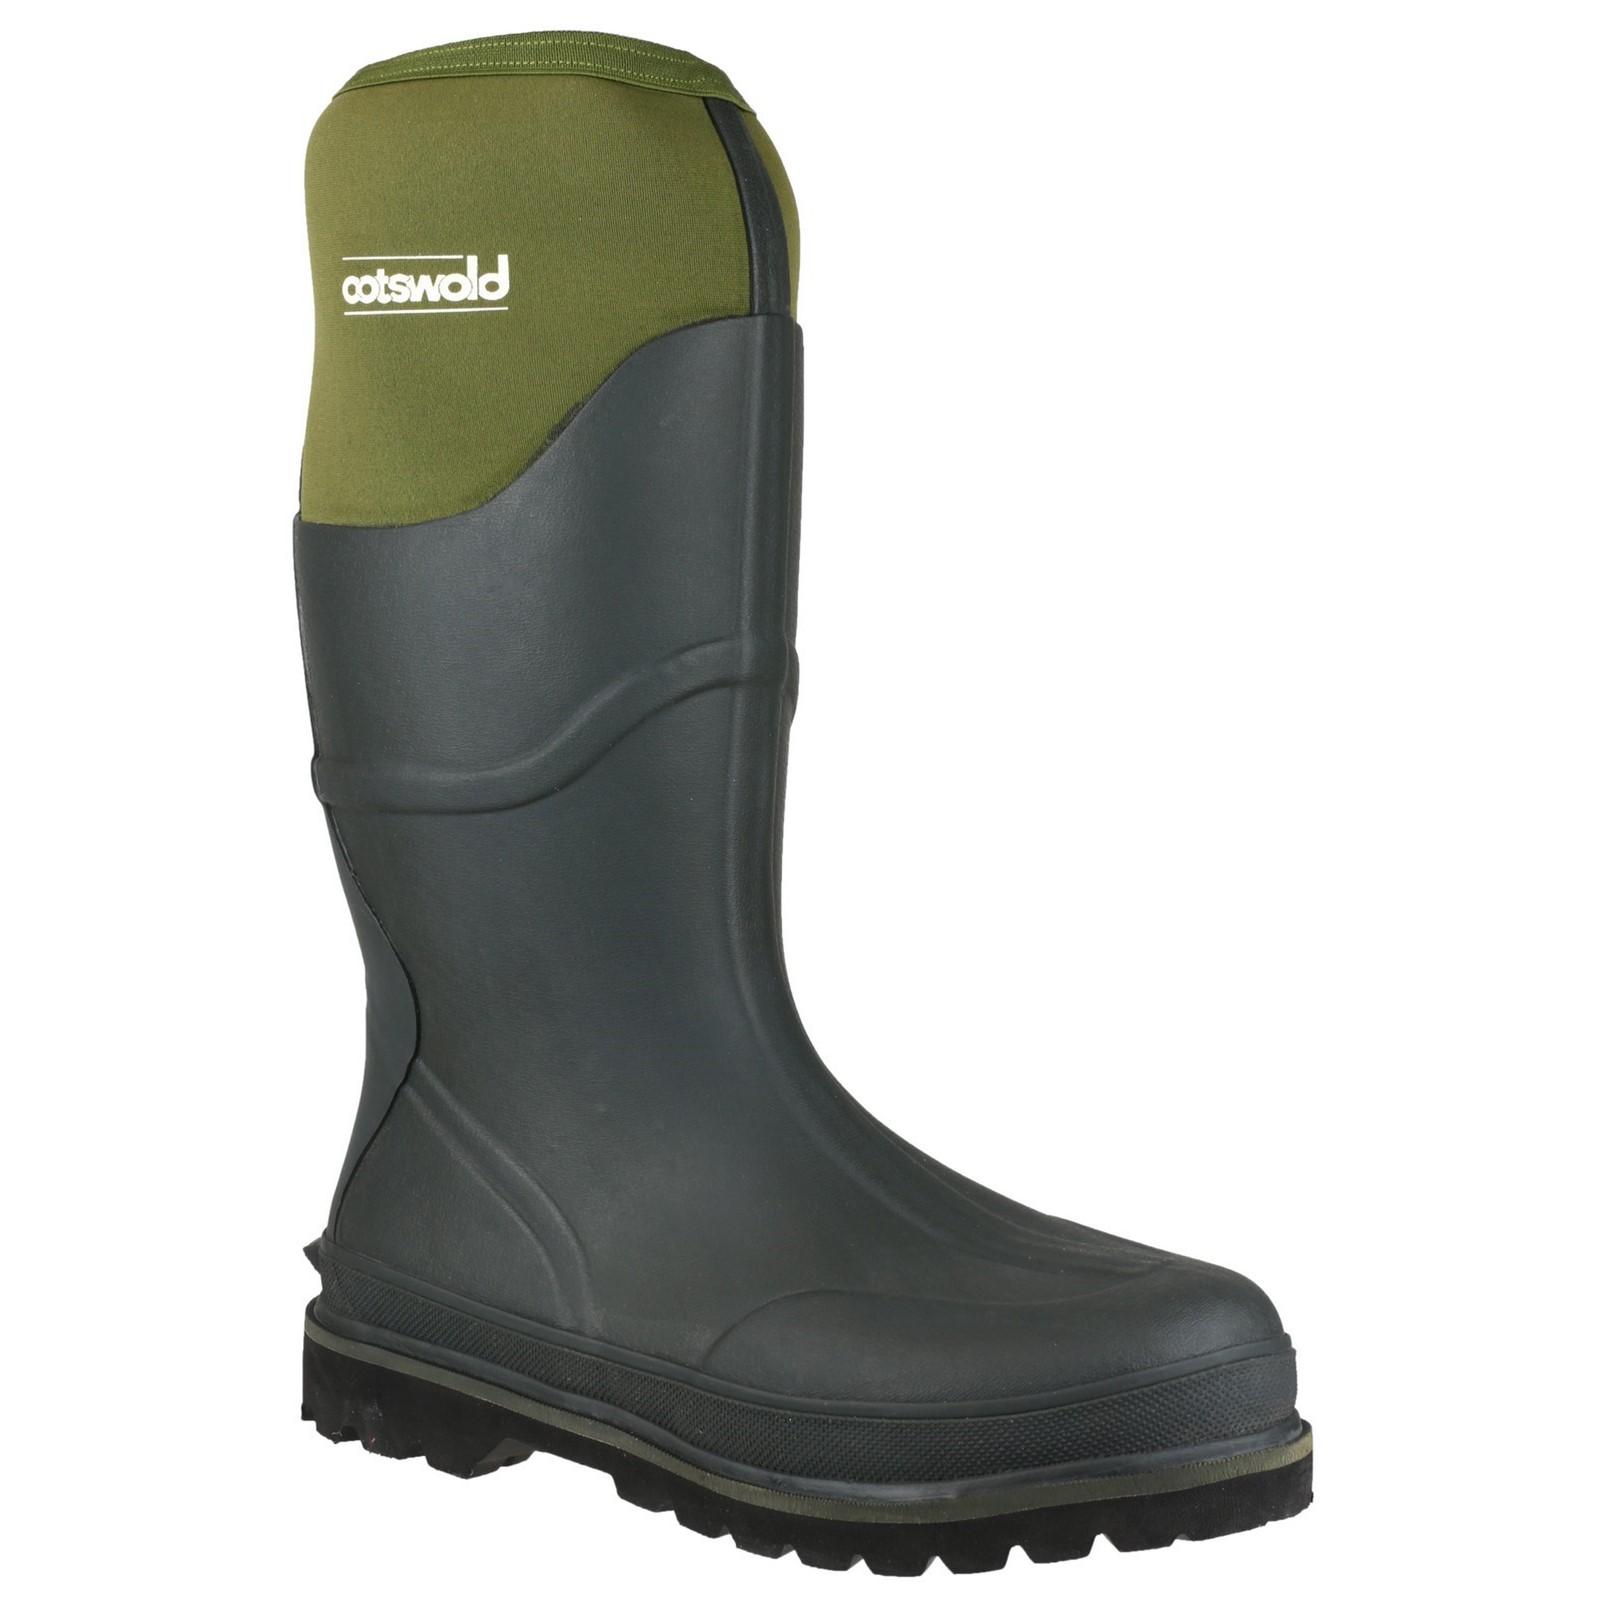 Cotswold Ranger Neopreno botas Wellington Para hombre cómodo